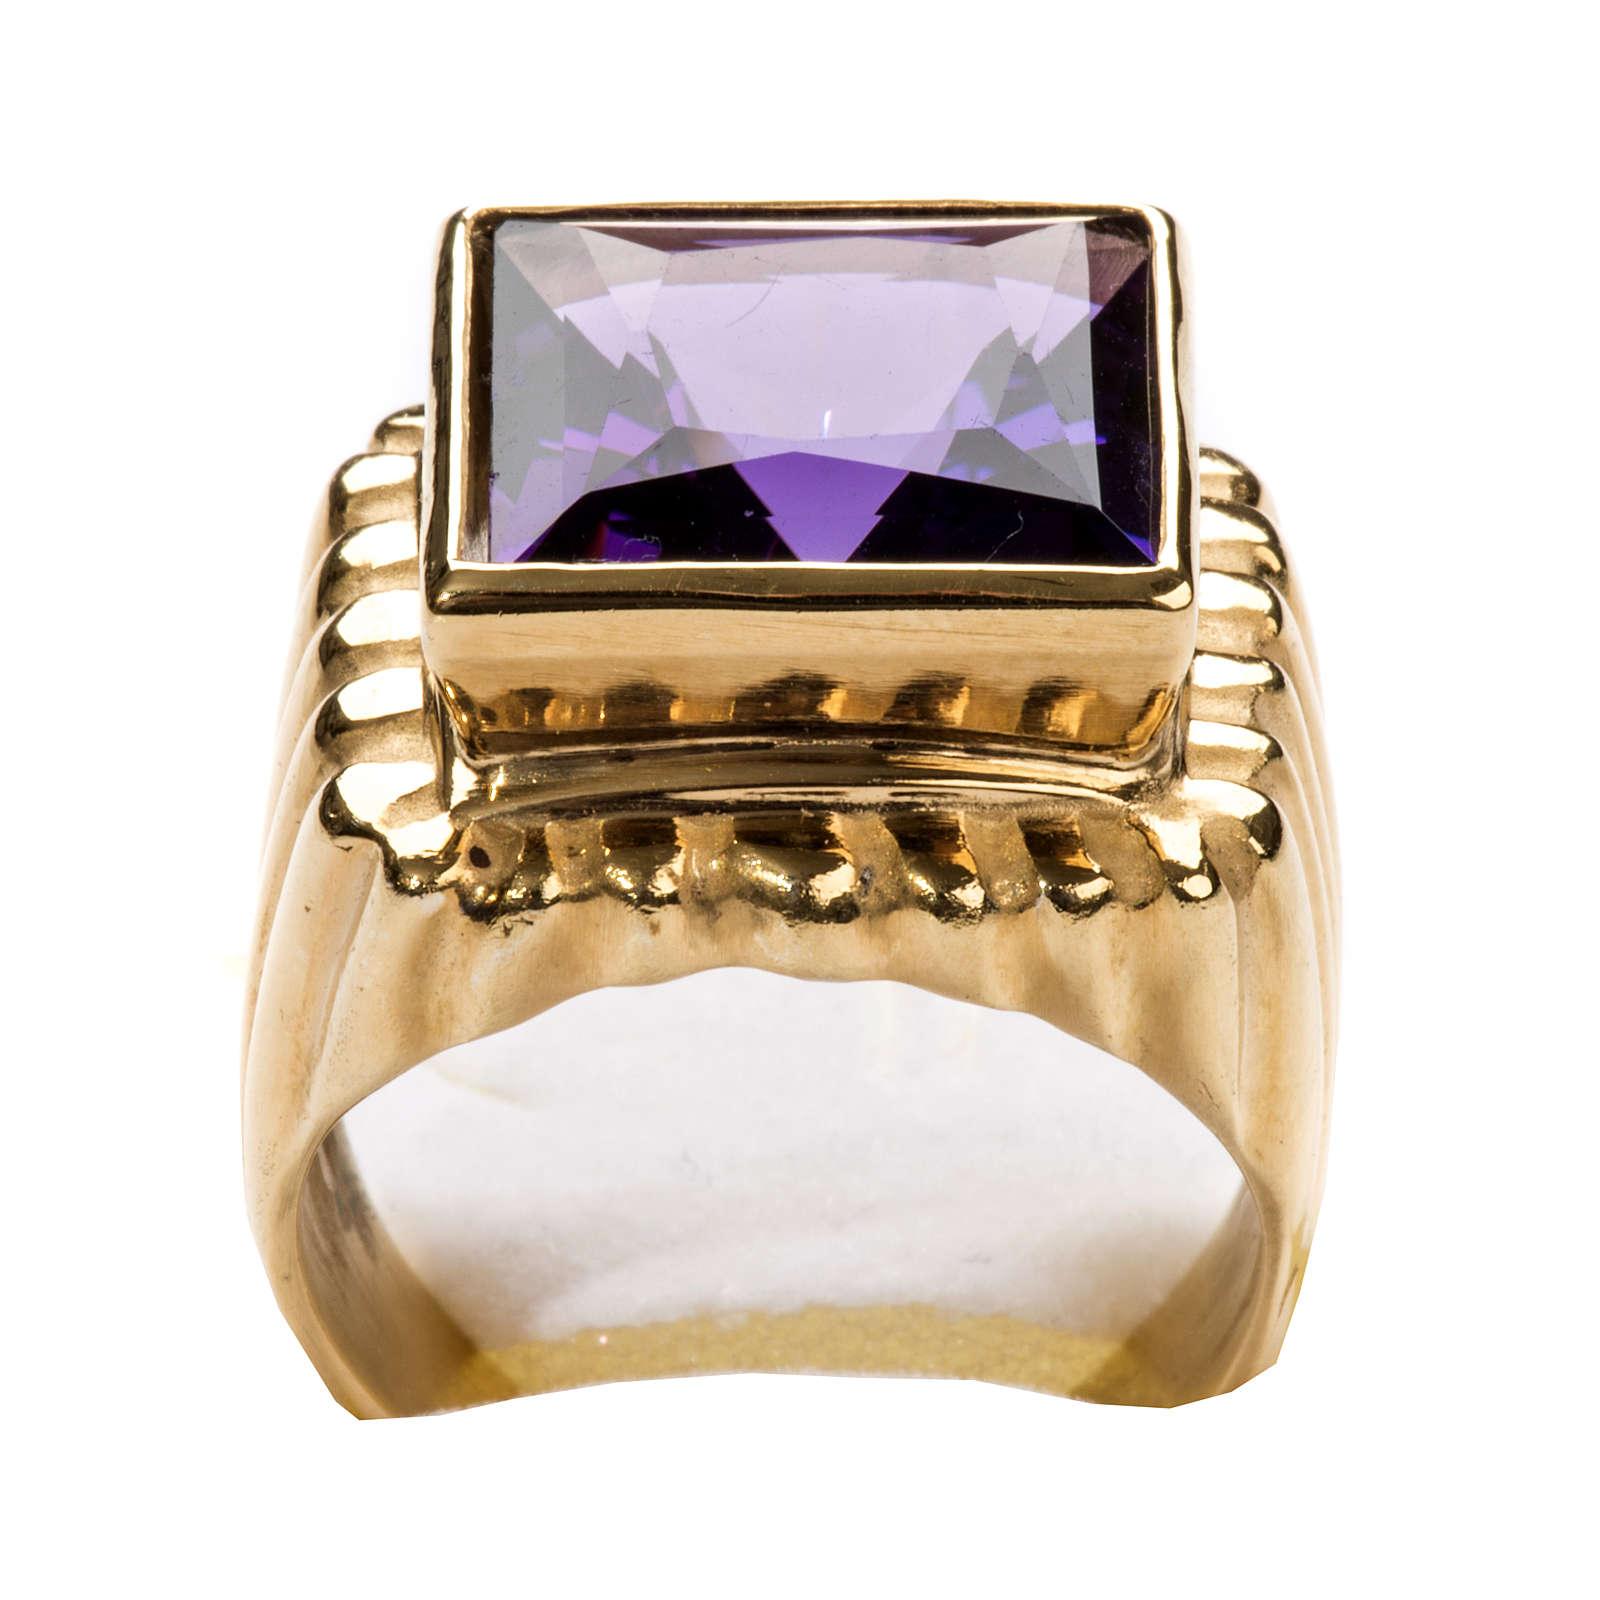 Anello vescovile argento 800 dorato giada color ametista 3